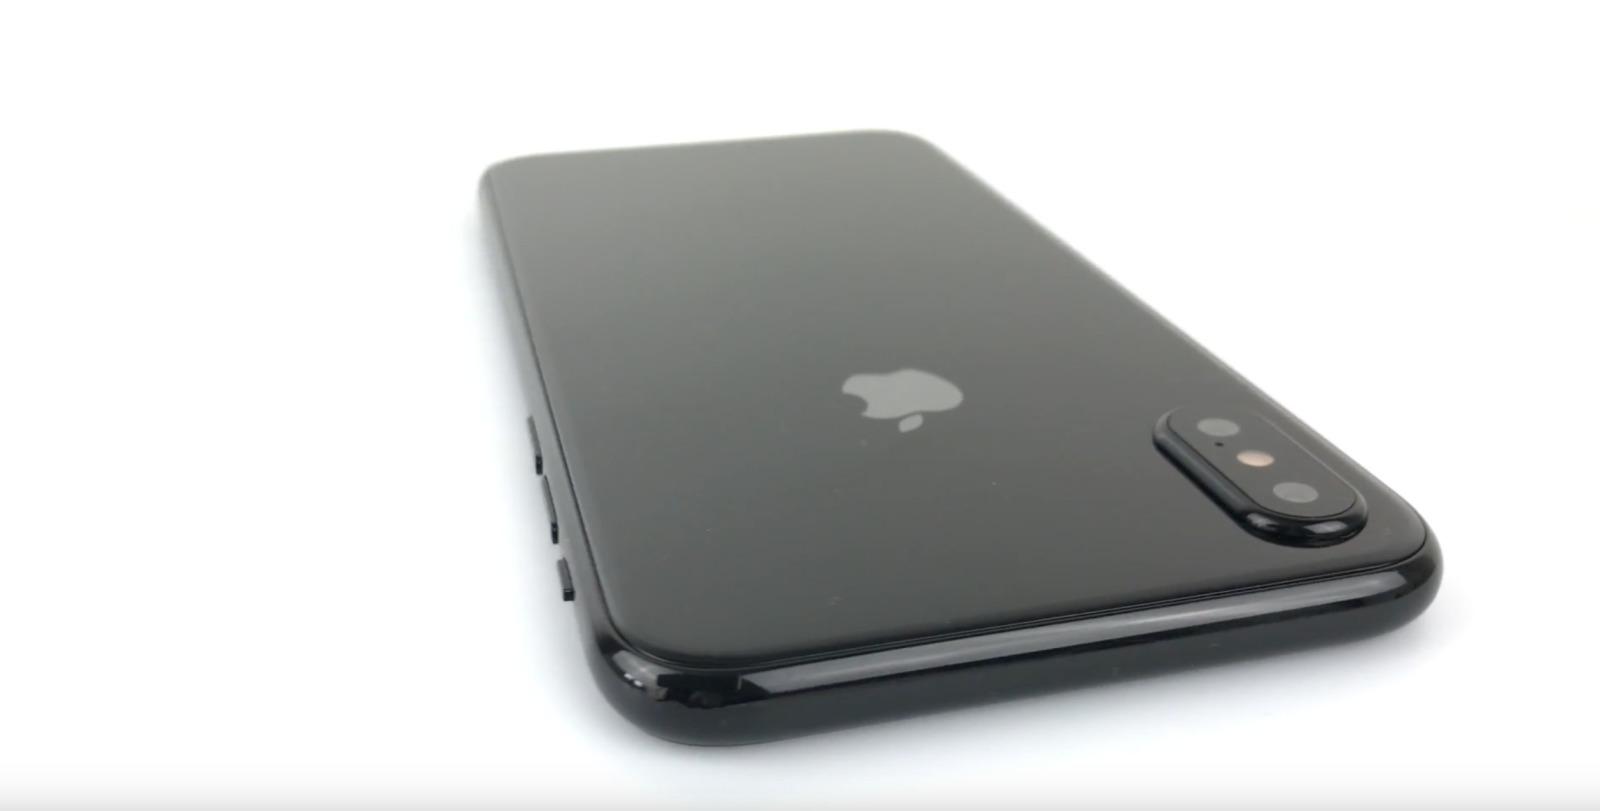 Det blir mer og mer tydelig at iPhone 8 får en lasermåler på baksiden, som dette walisiske selskapet kan være en indikator på.